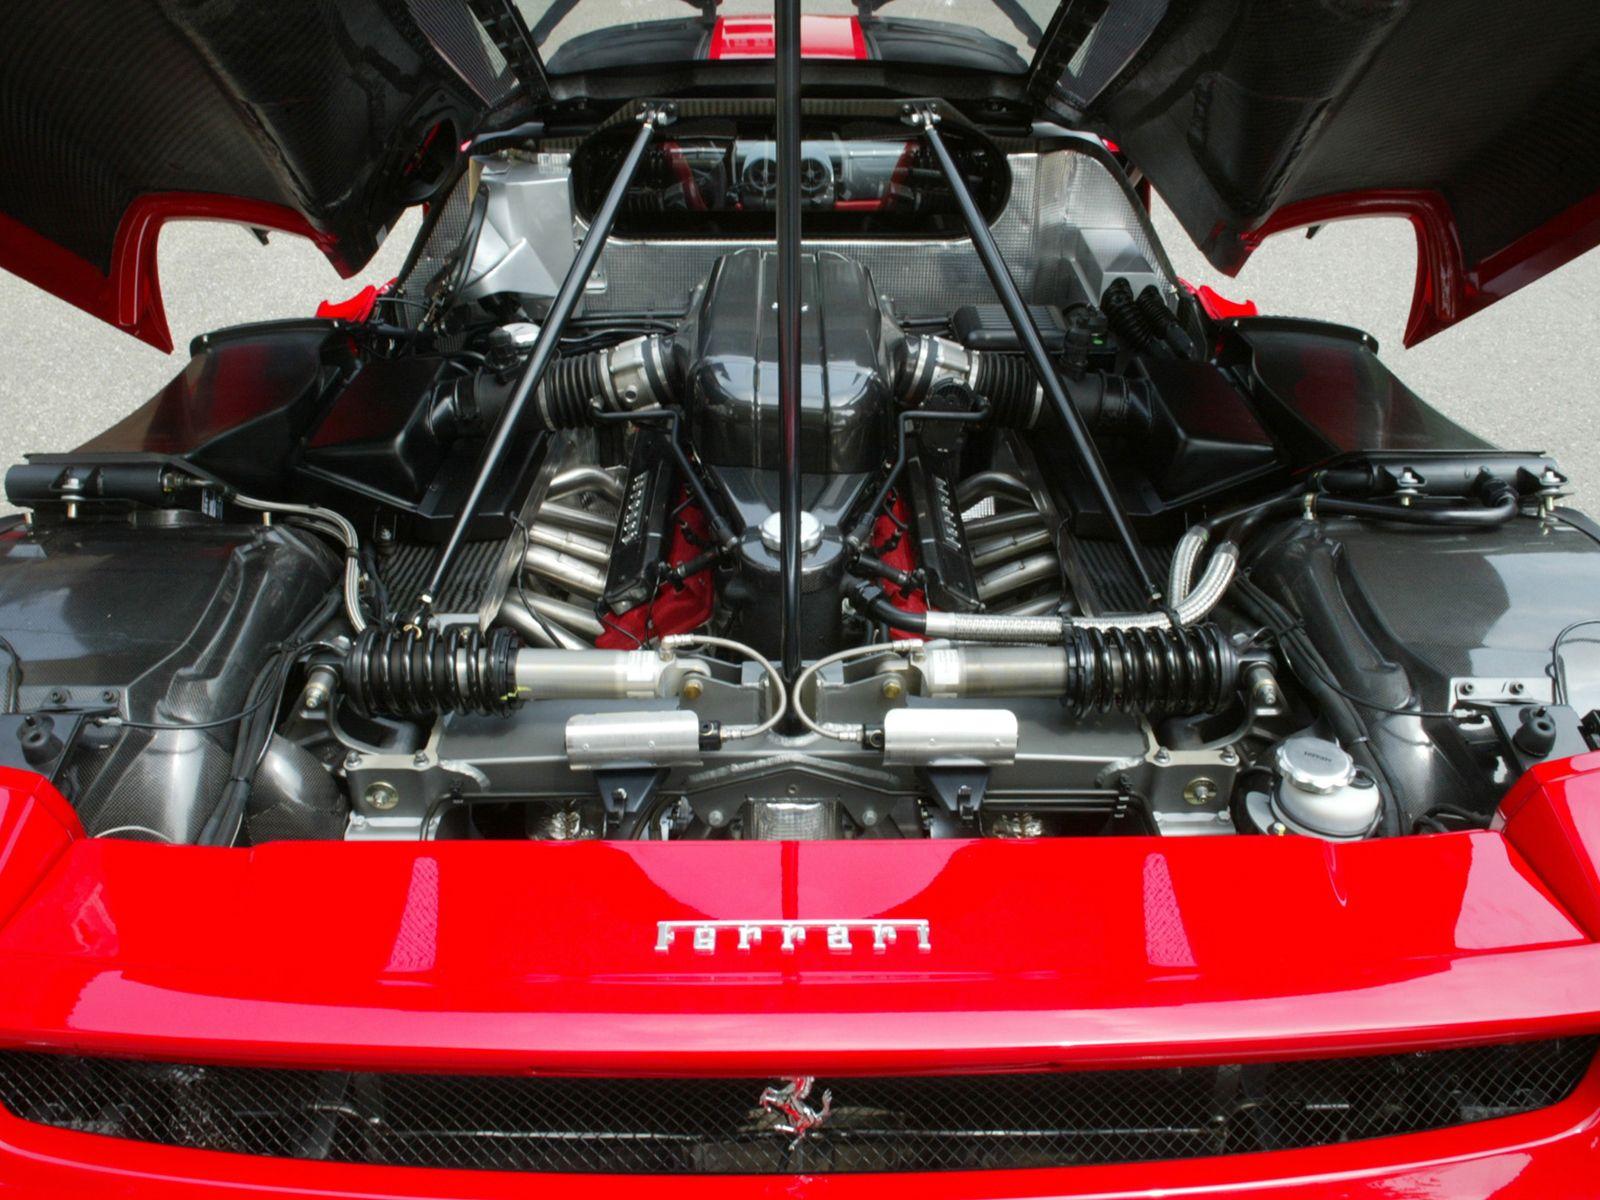 двигатель машины феррари, фото скачать, ferrari, wallpaper